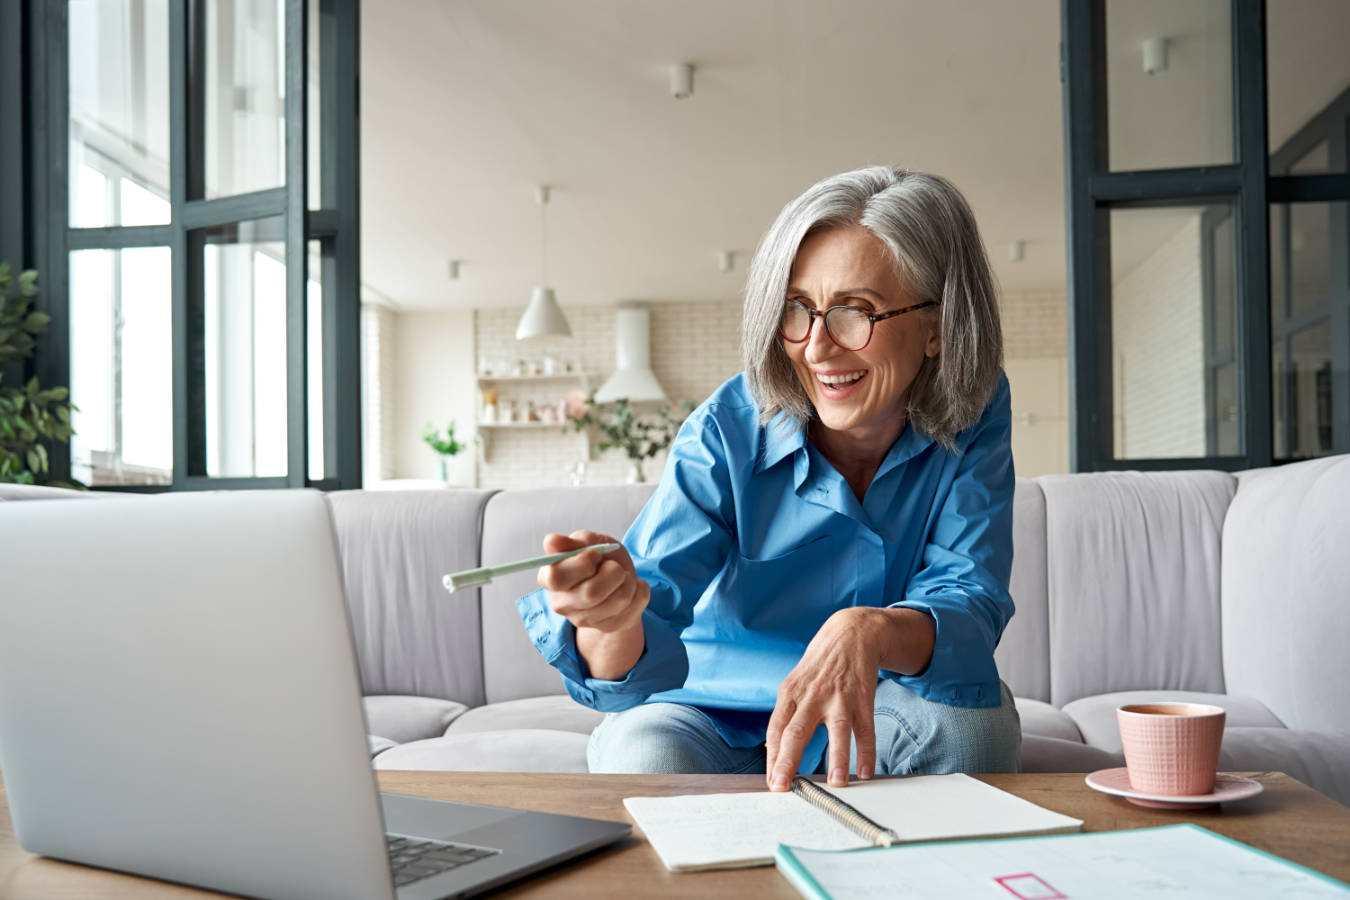 Jaki laptop do zarabiania pieniędzy w domu?